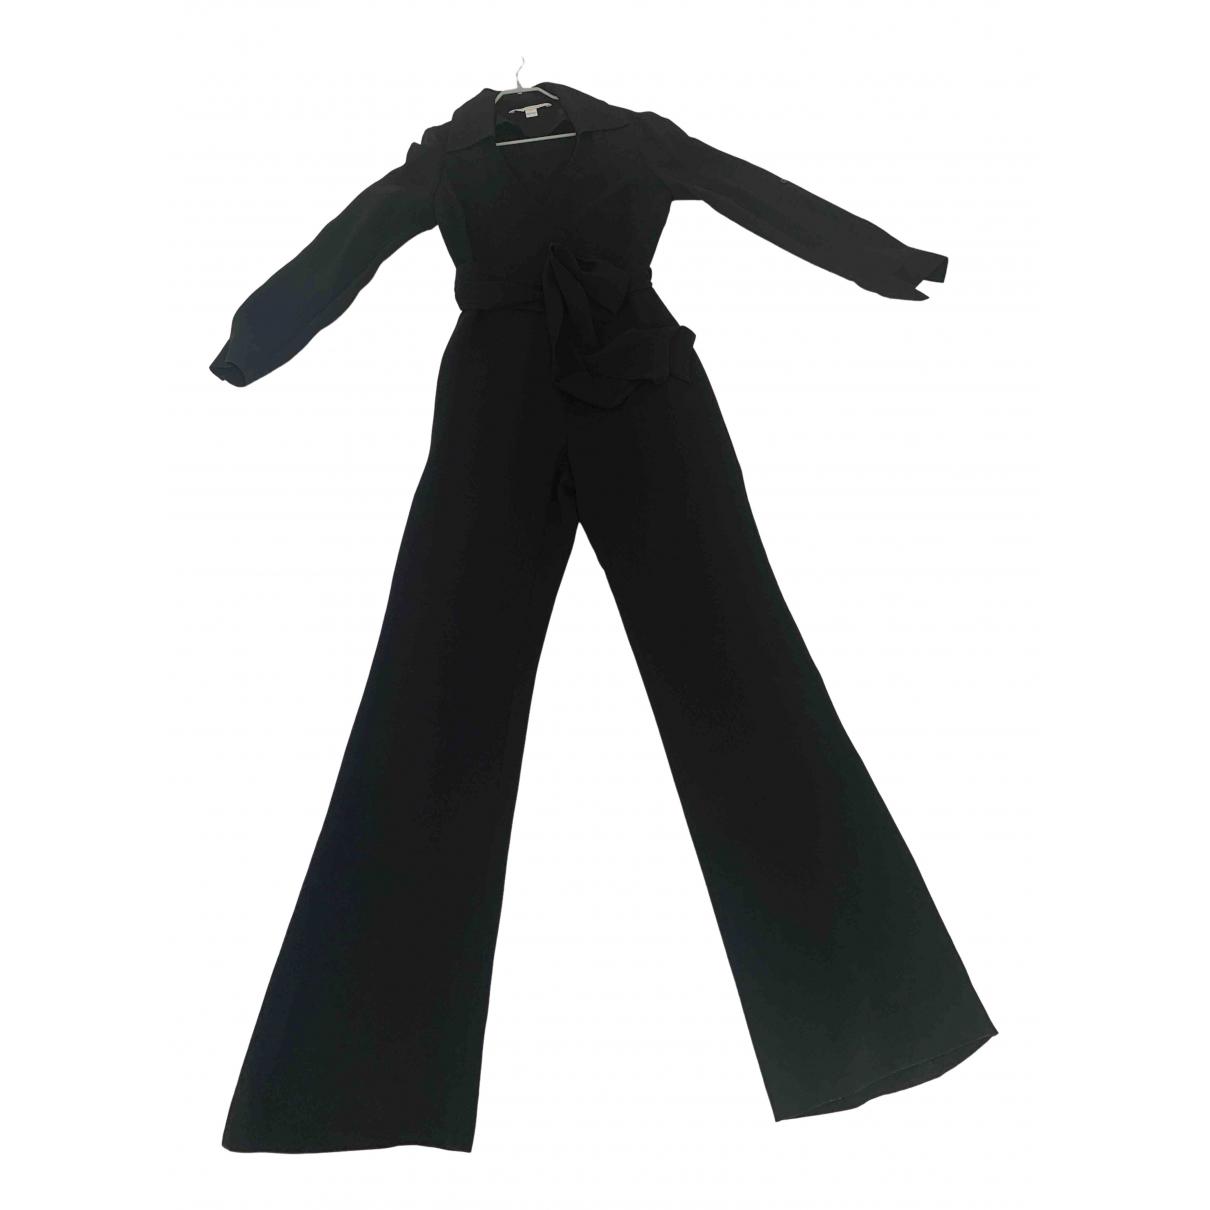 Diane Von Furstenberg \N Black jumpsuit for Women 4 0-5